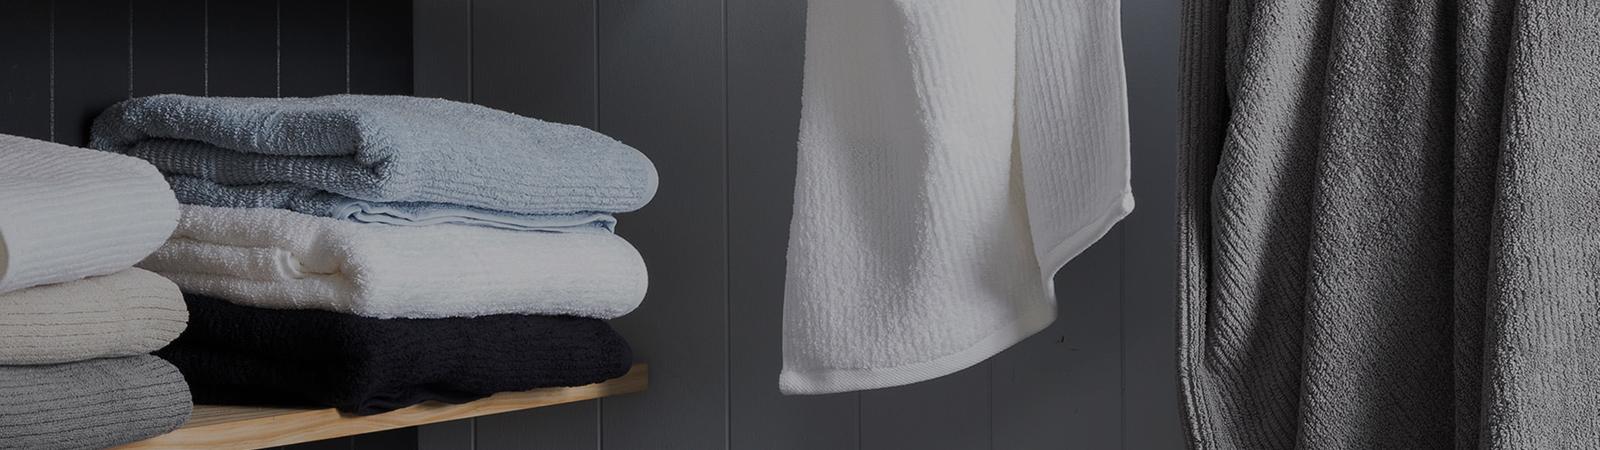 bath-linen-banner